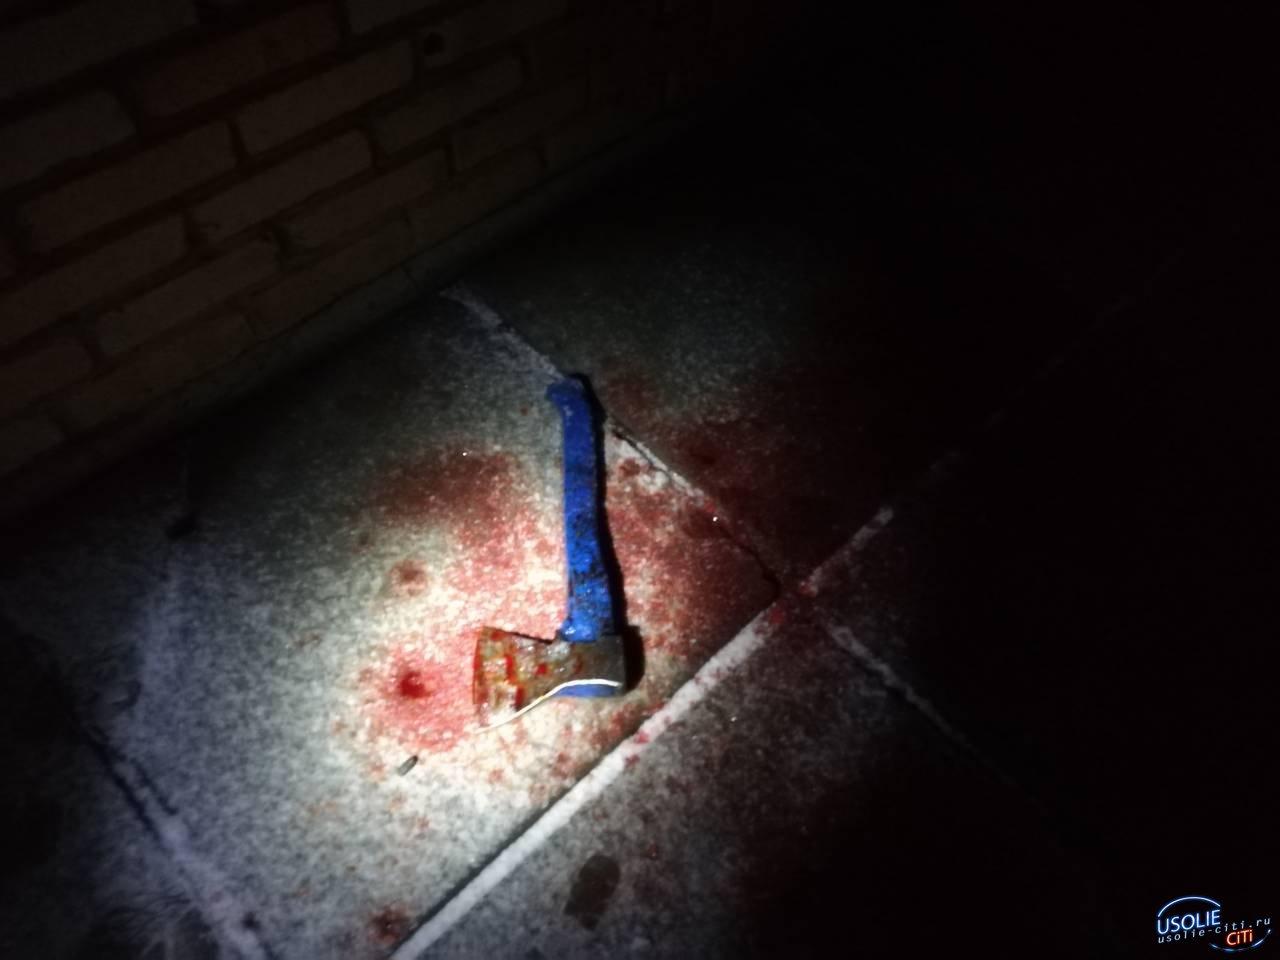 Топор против пистолета. В усольской больнице после криминальной разборки двое в тяжелом состоянии